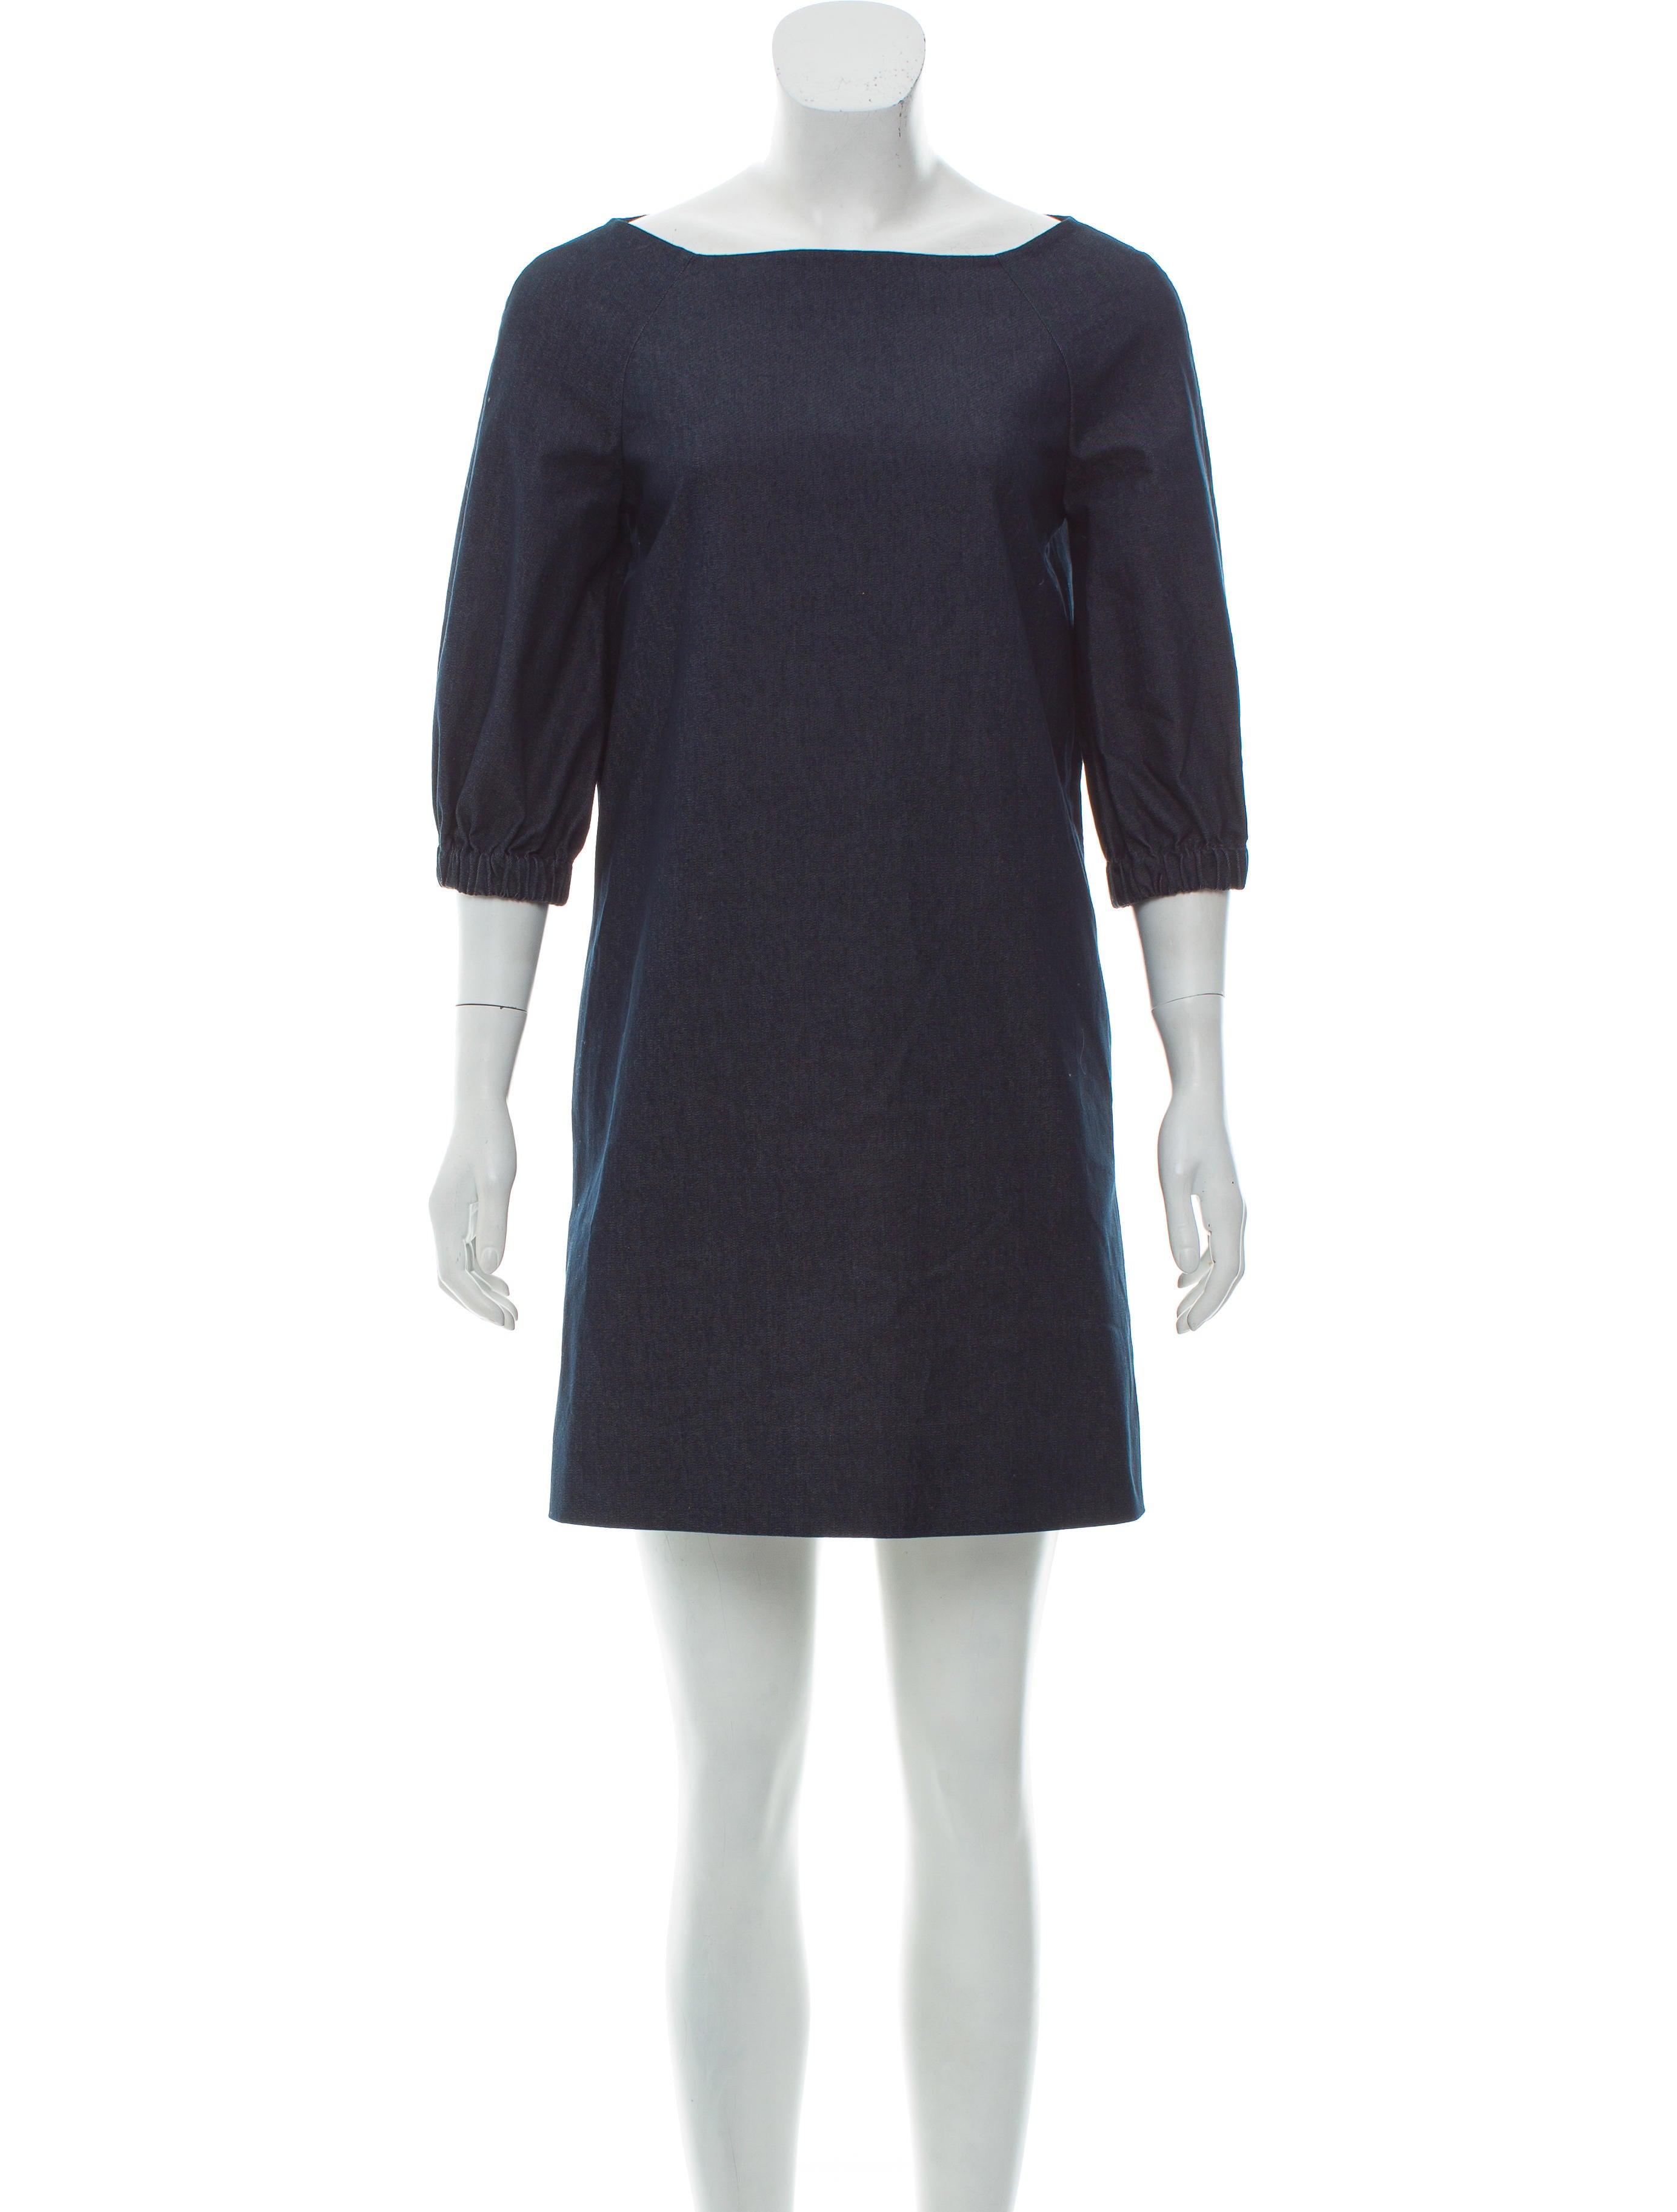 Kate Spade New York Chambray Shift Dress Clothing